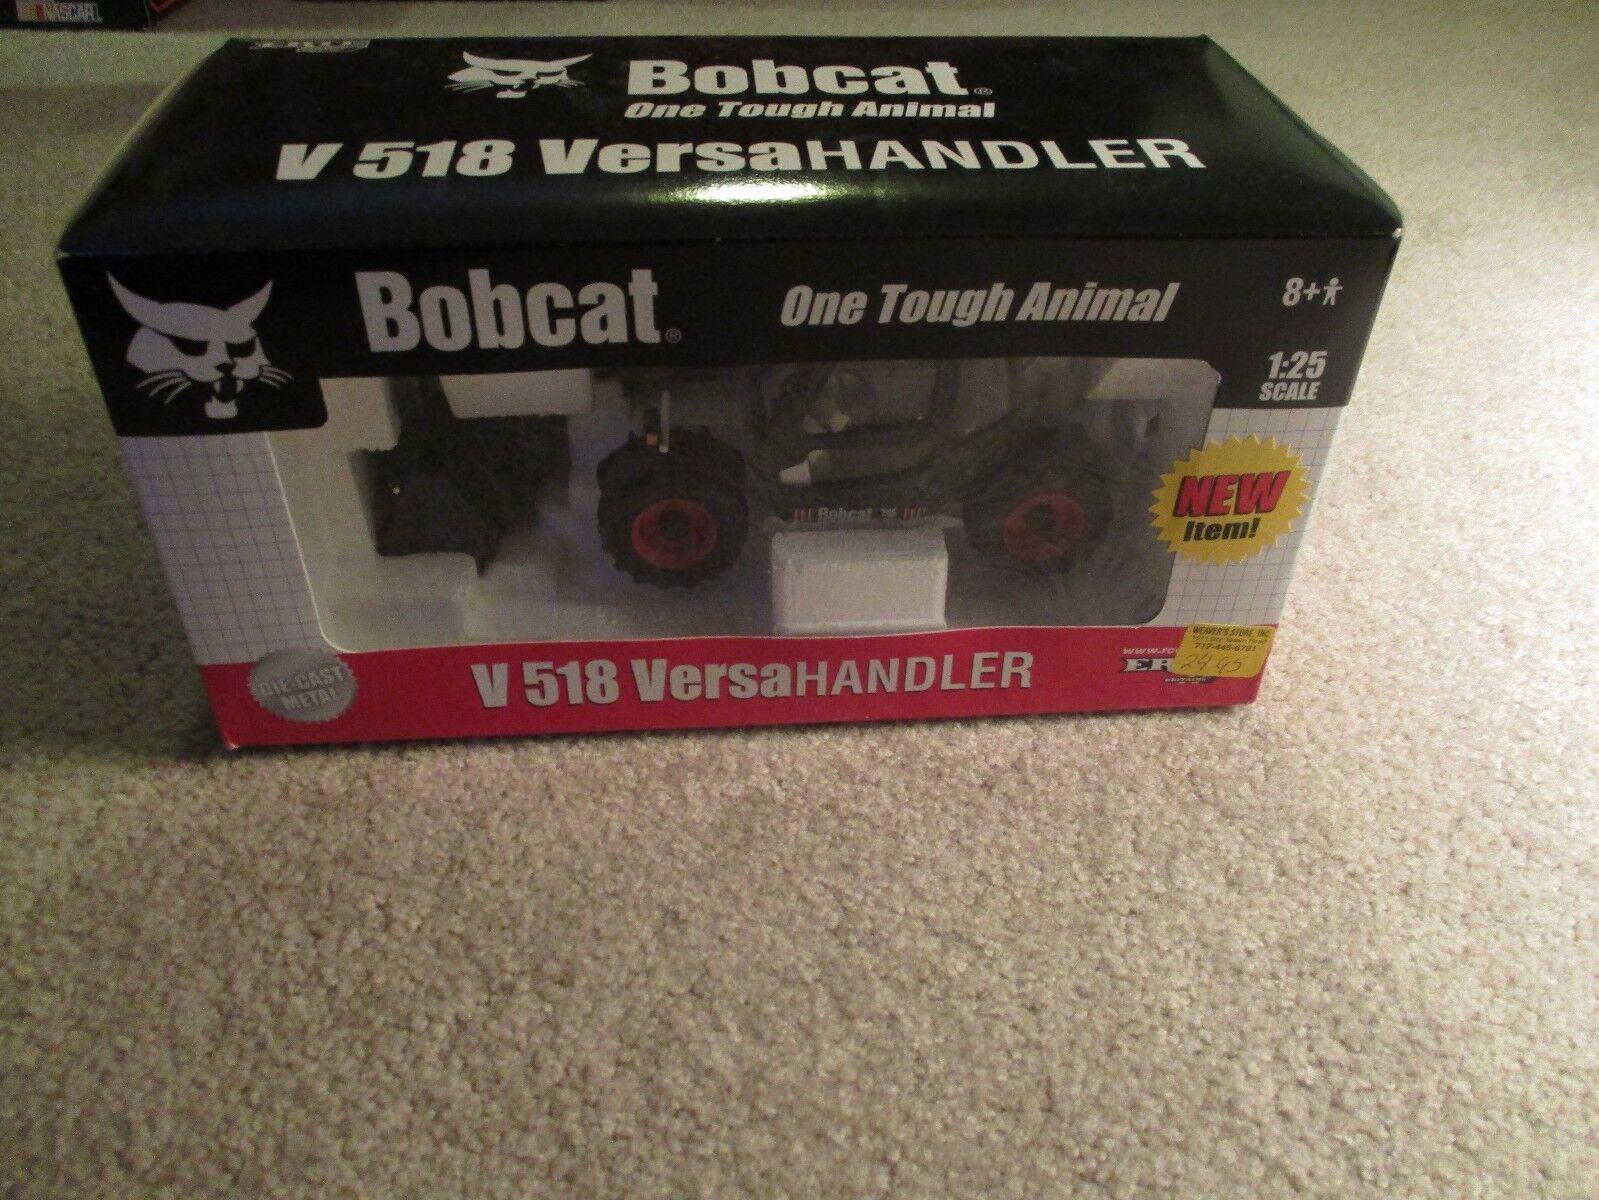 Ertl Bobcat V 518 Versa Handler Diecast Juguete 1 25 MIB de 2004, visita mi tienda